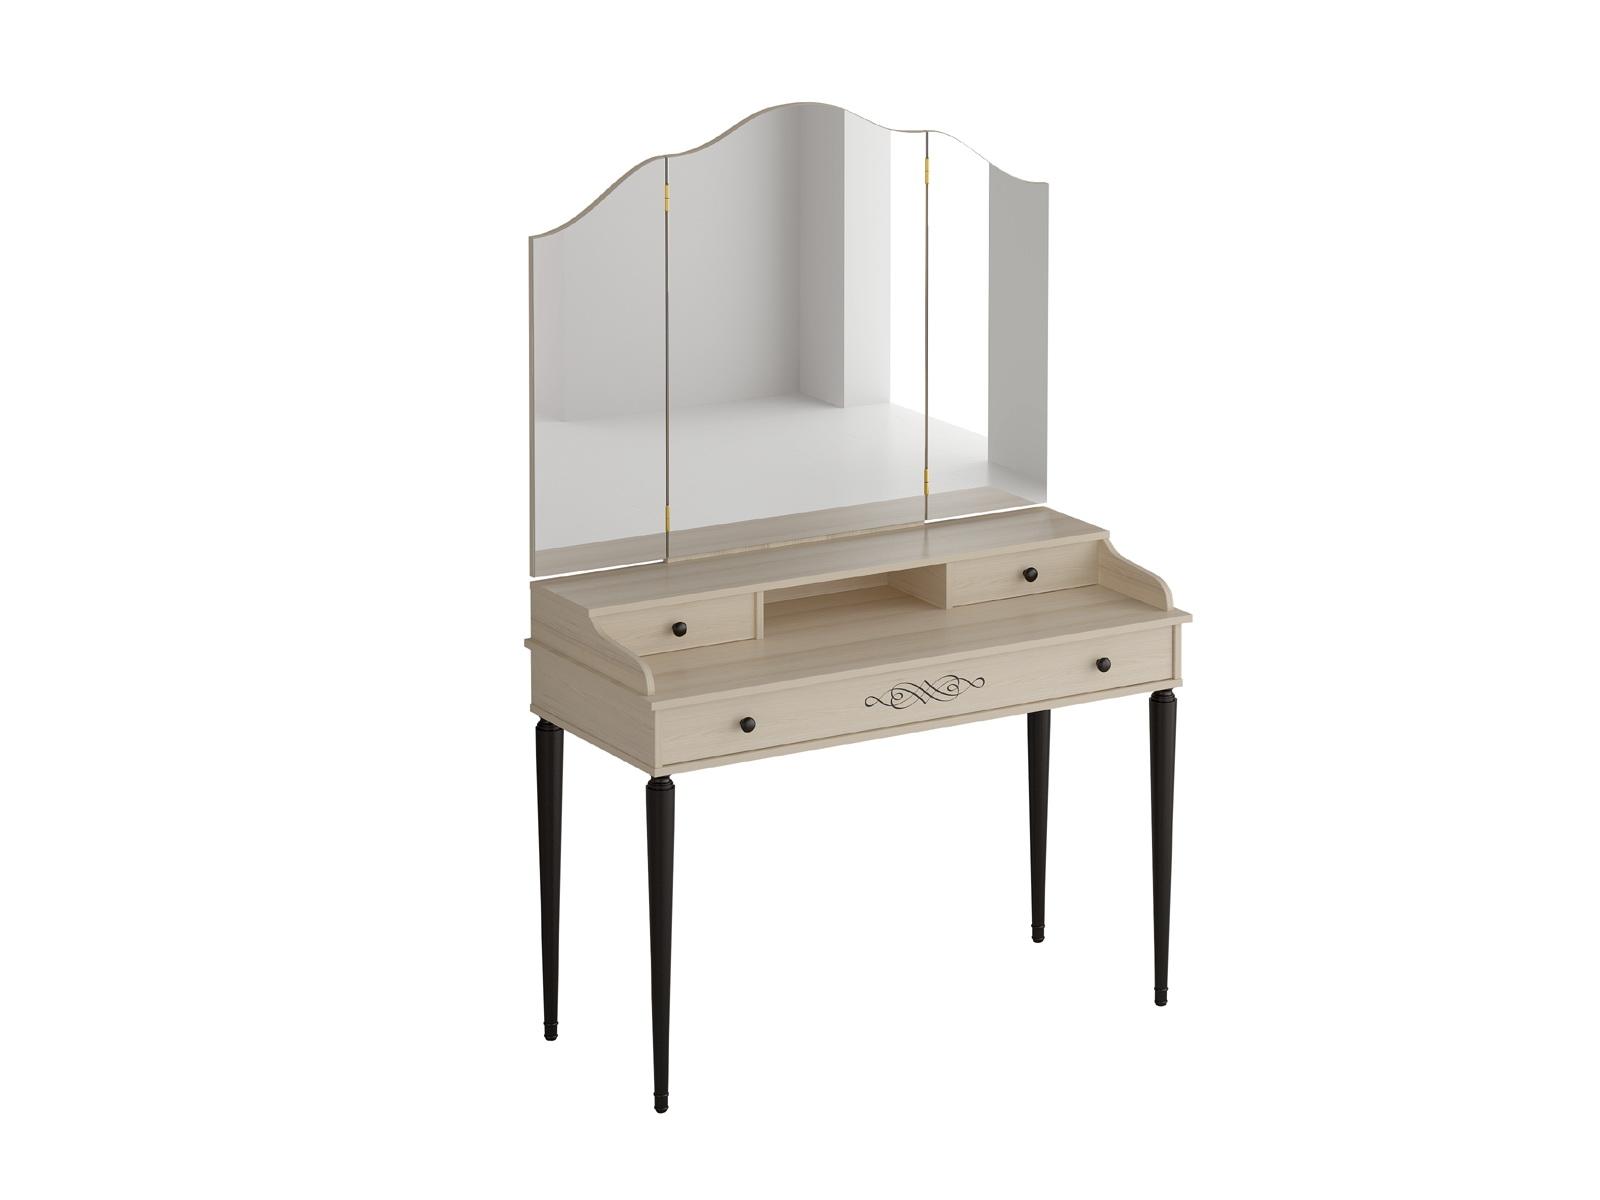 Столик туалетный с трельяжем QueenТуалетные столики<br>Туалетный столик с тремя выдвижными ящиками. Трельяж Queen представляет собой настенное зеркало с двумя распашными створками. Зеркала фигурные. Столик и трельяж необходимо крепить к стене.<br>